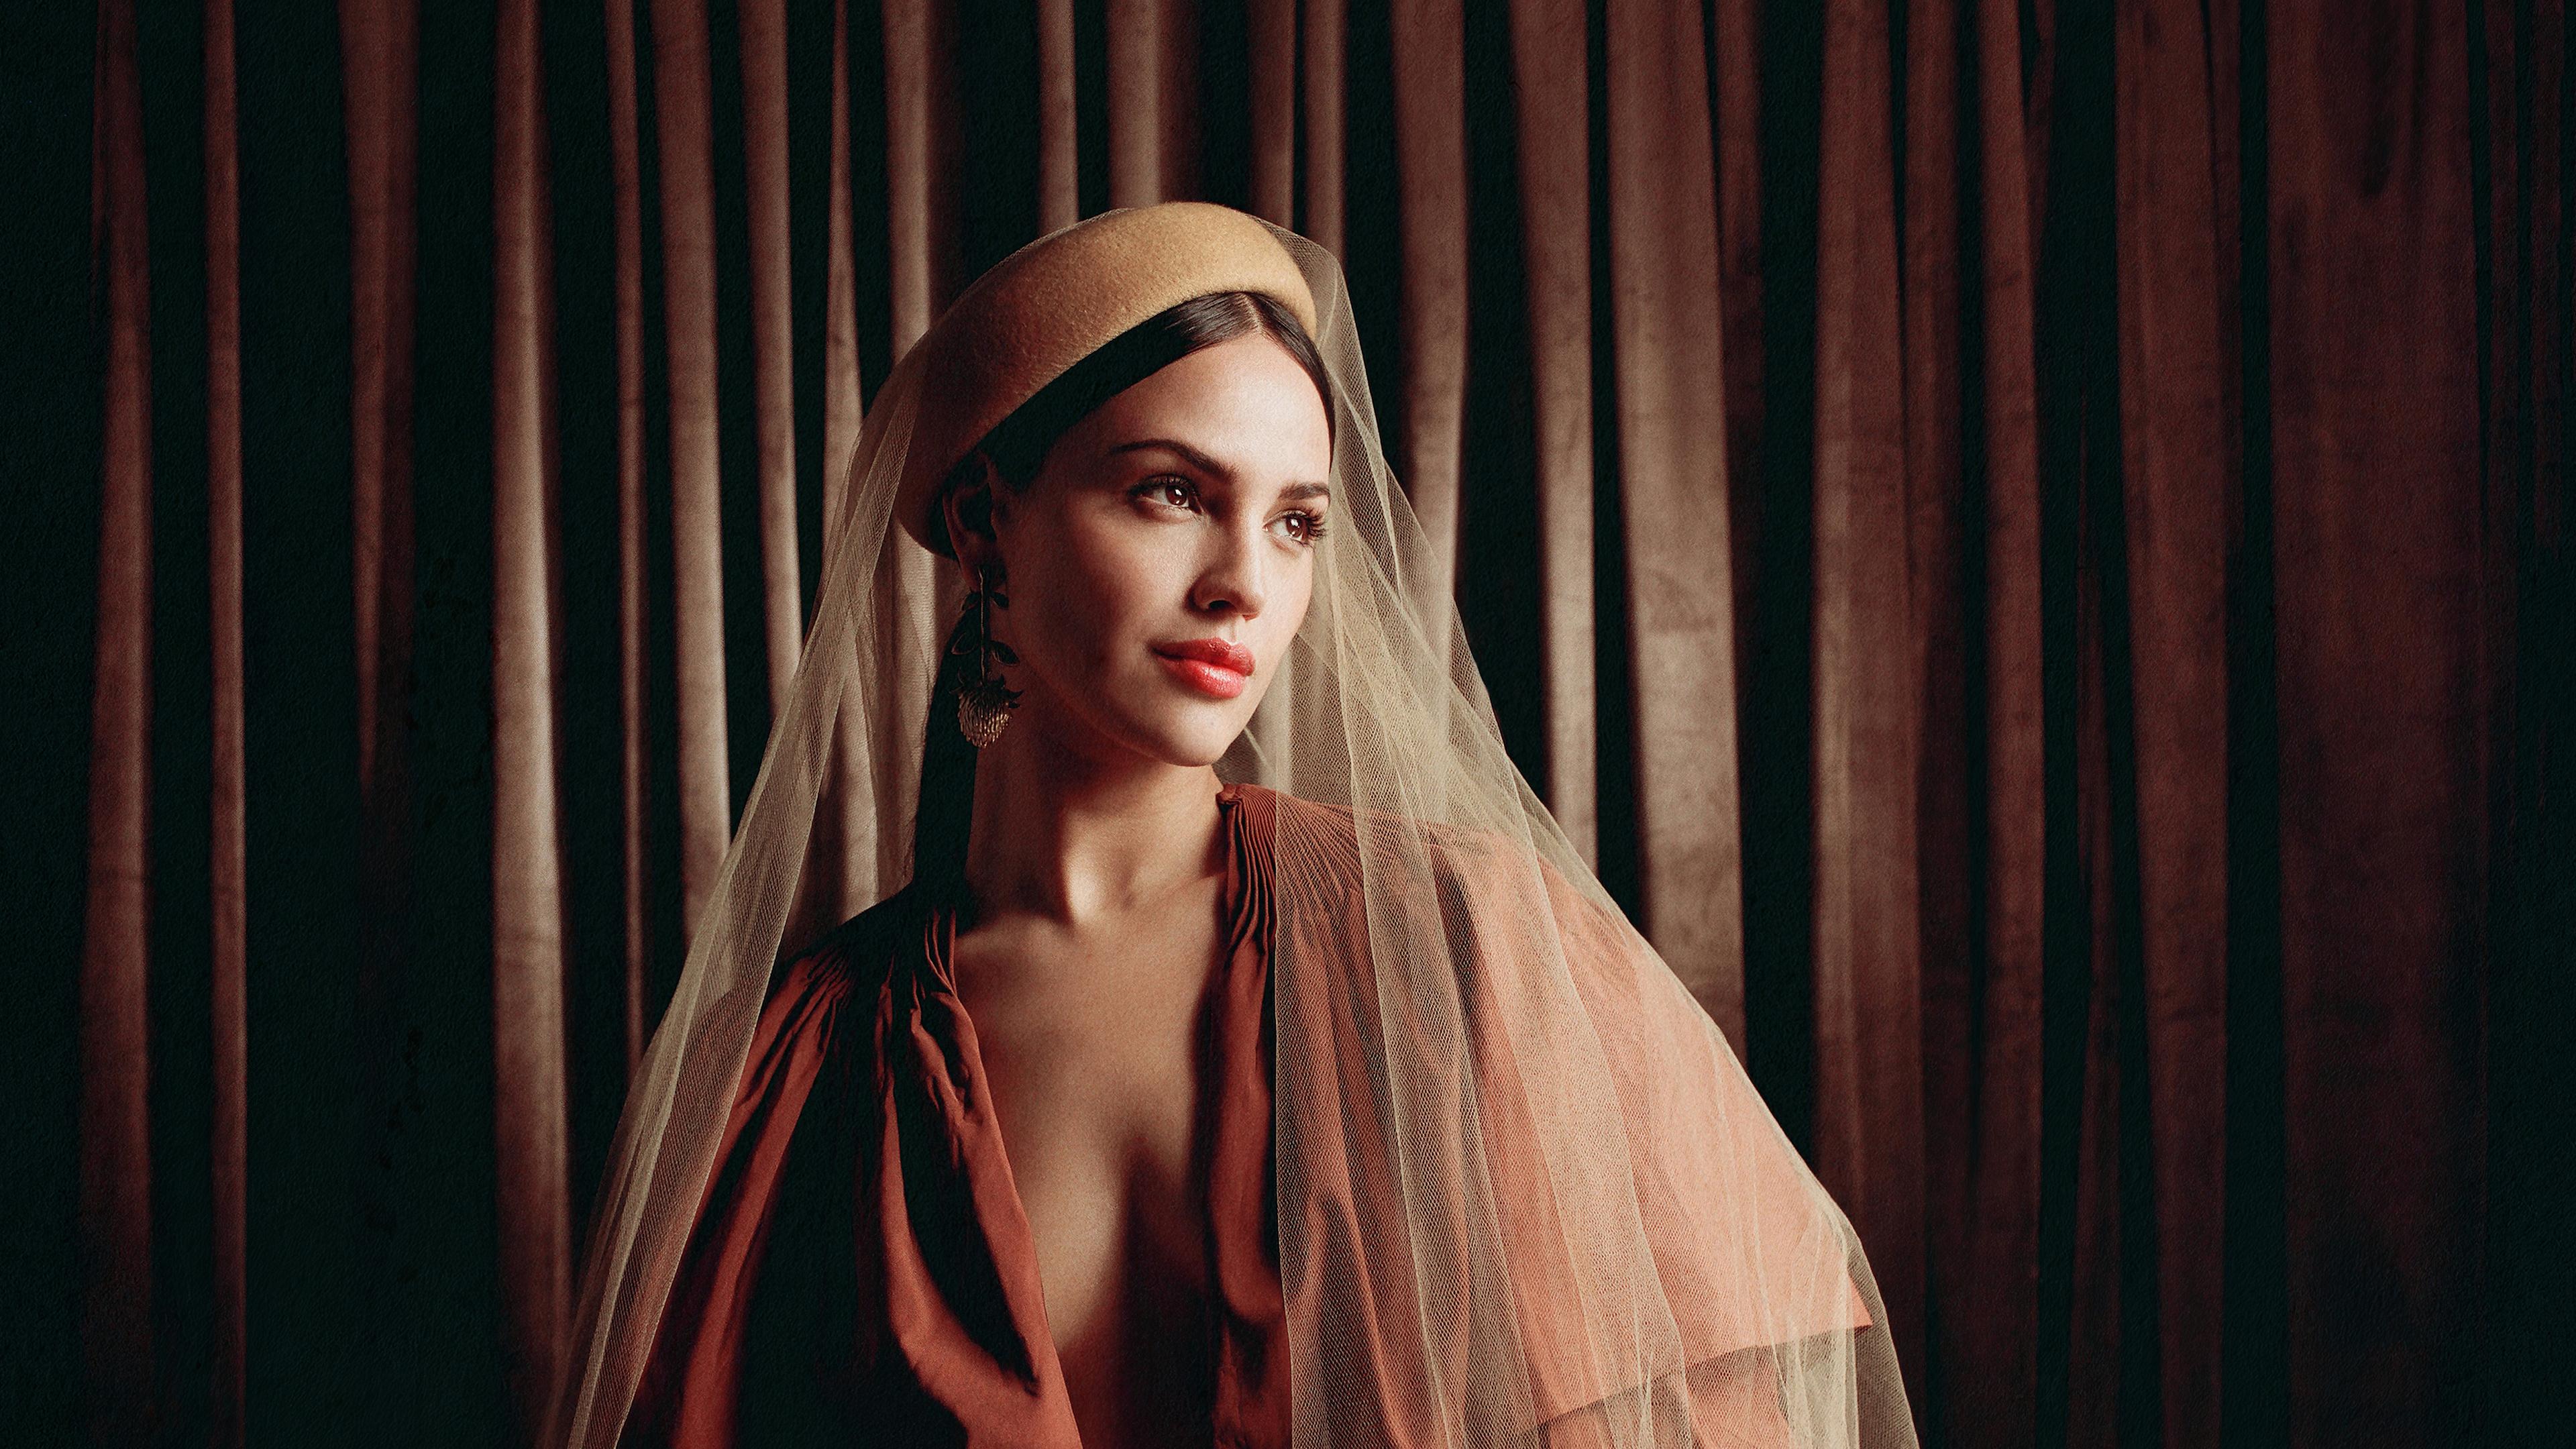 Wallpaper Eiza Gonzalez in costume